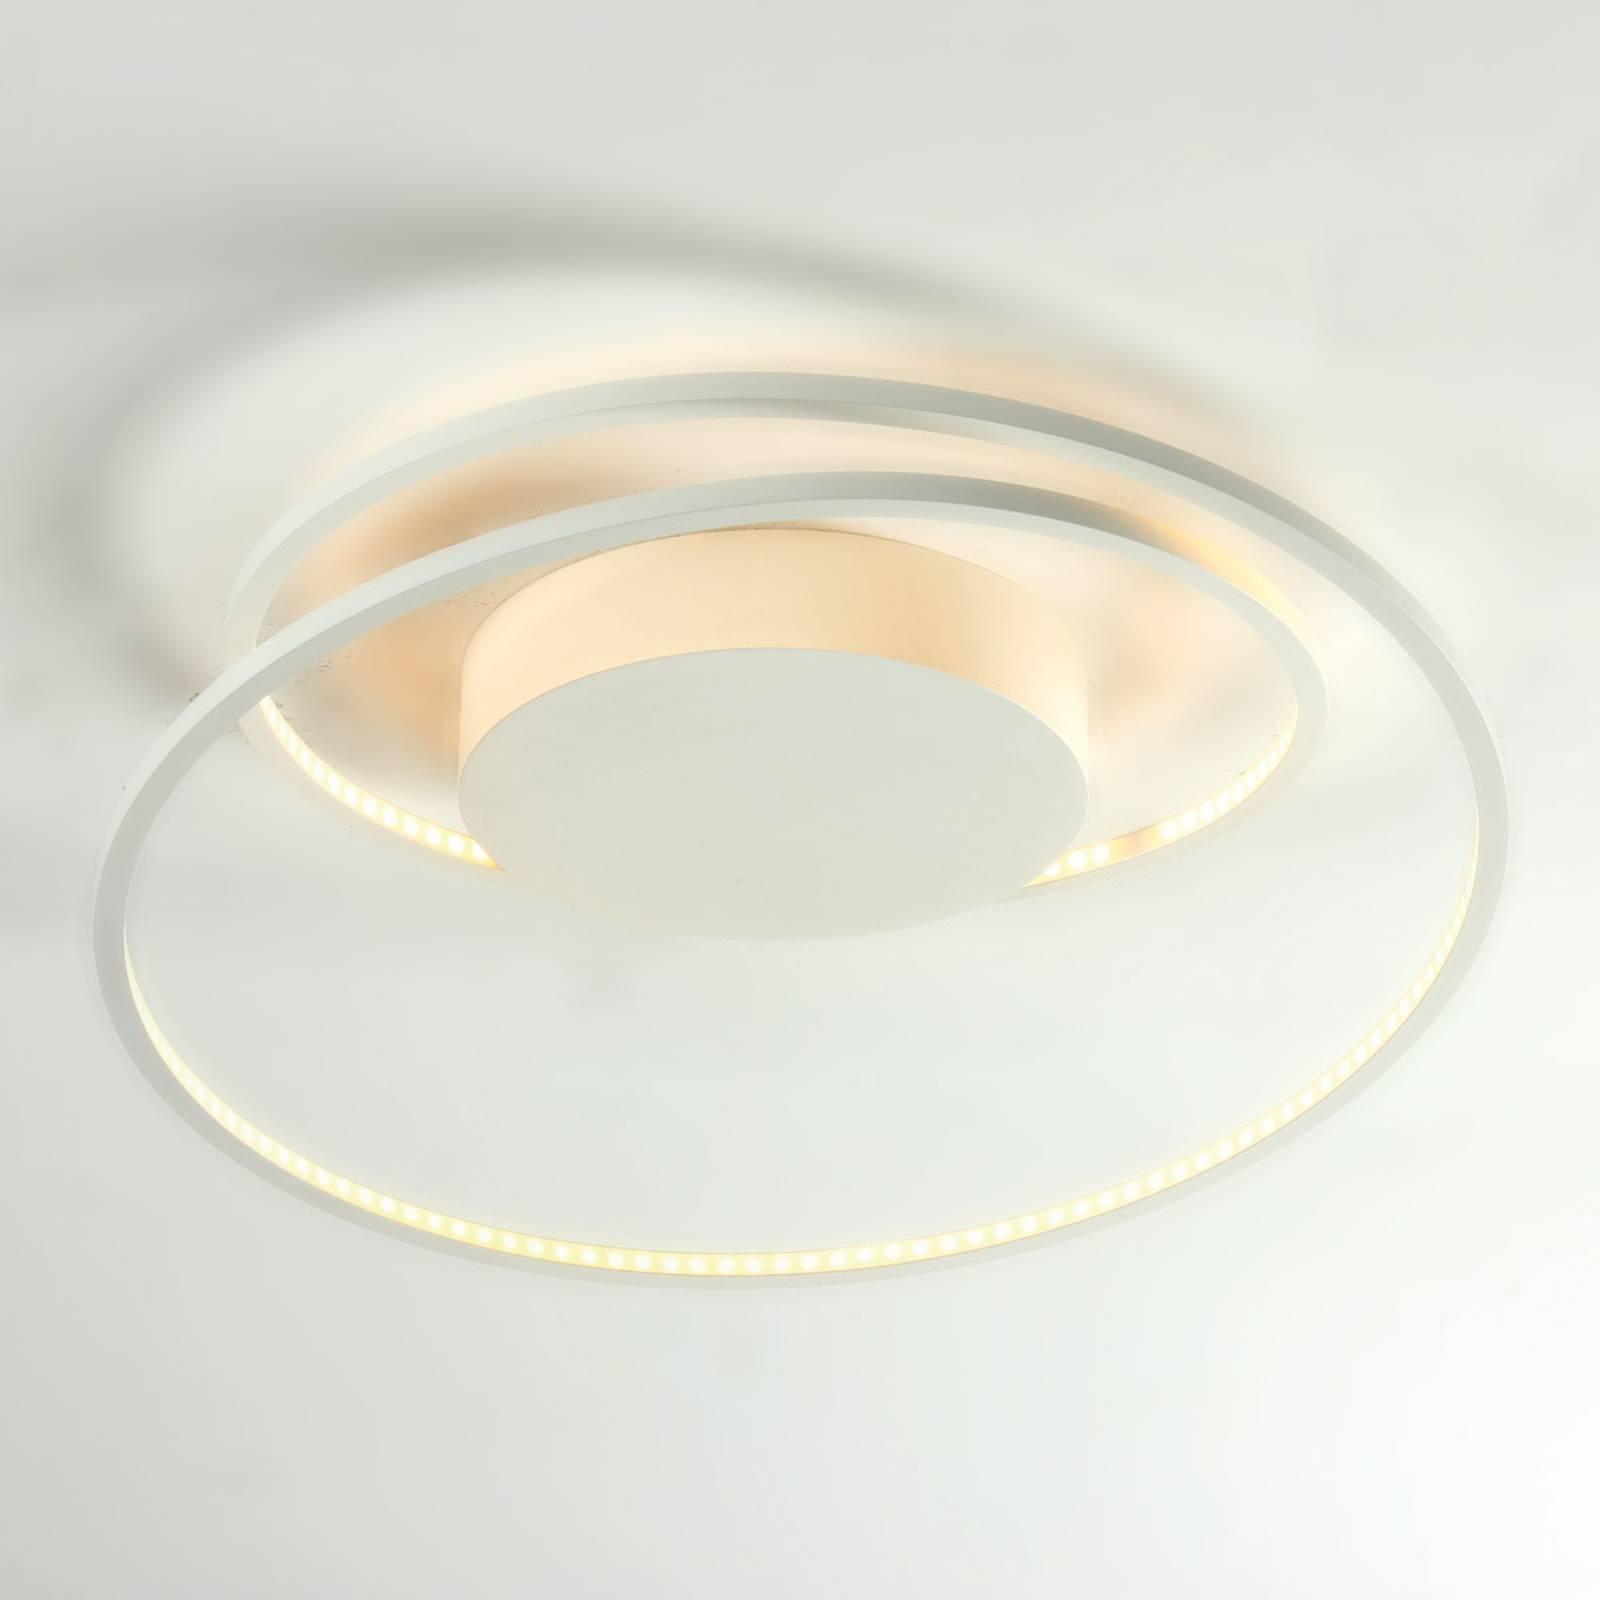 At – ainutlaatuinen LED-kattovalaisin valkoisena